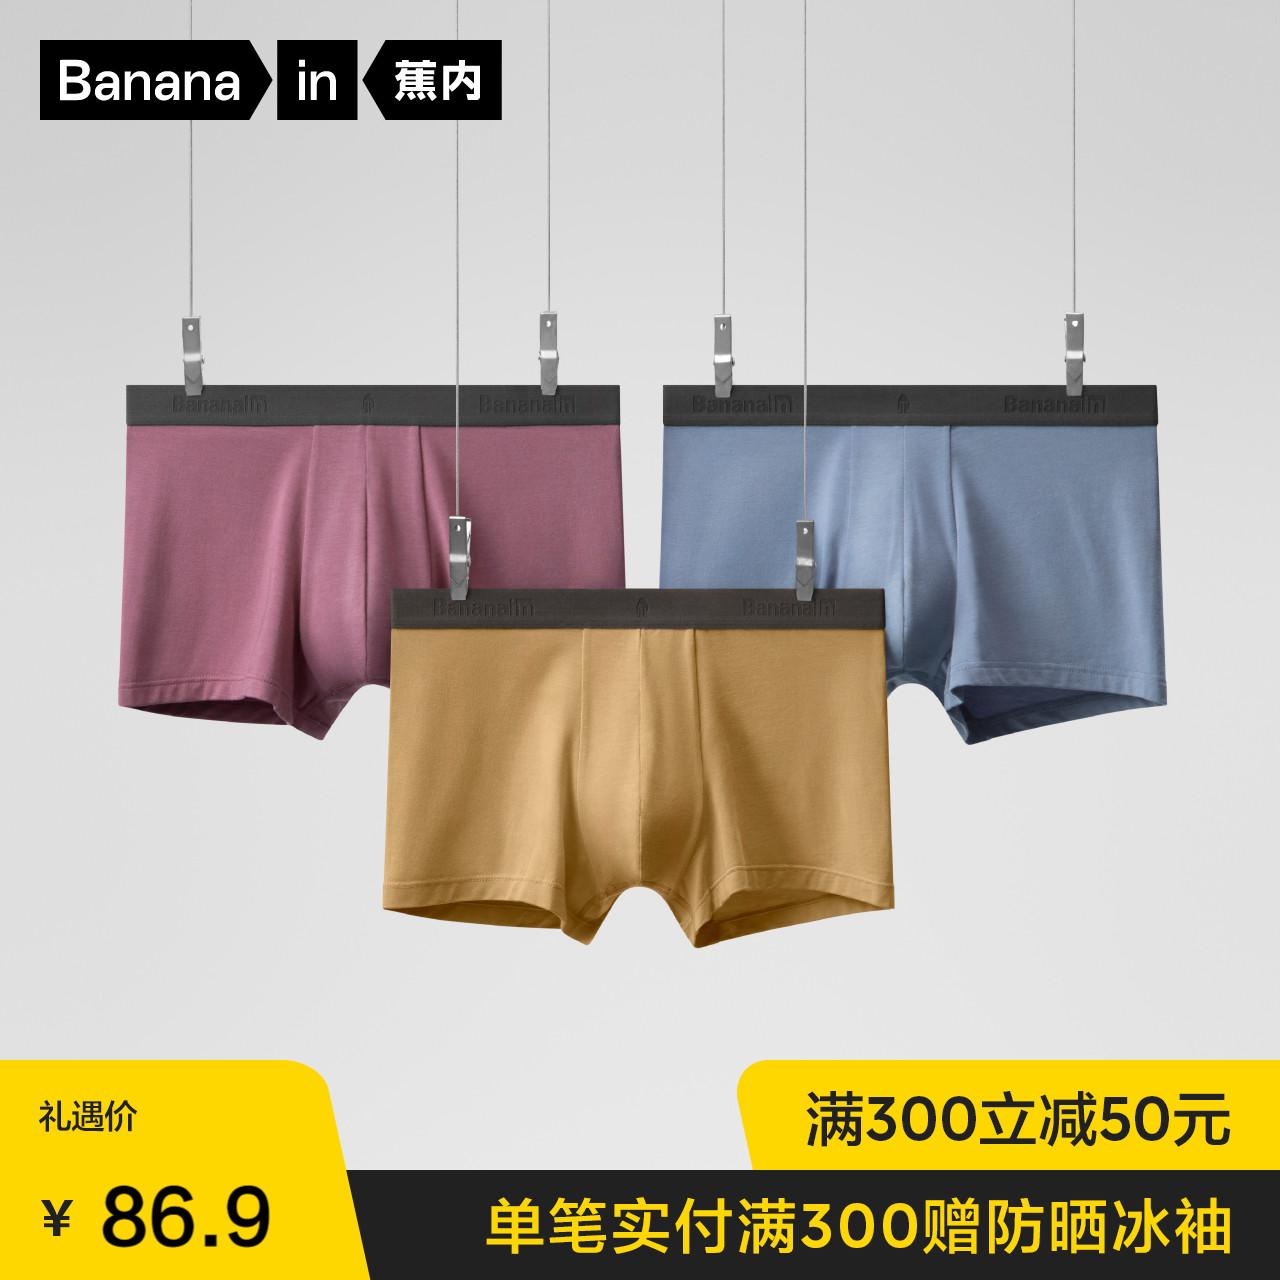 3件Bananain蕉内301P男士莫代尔内裤男平角冰丝感透气运动四角裤